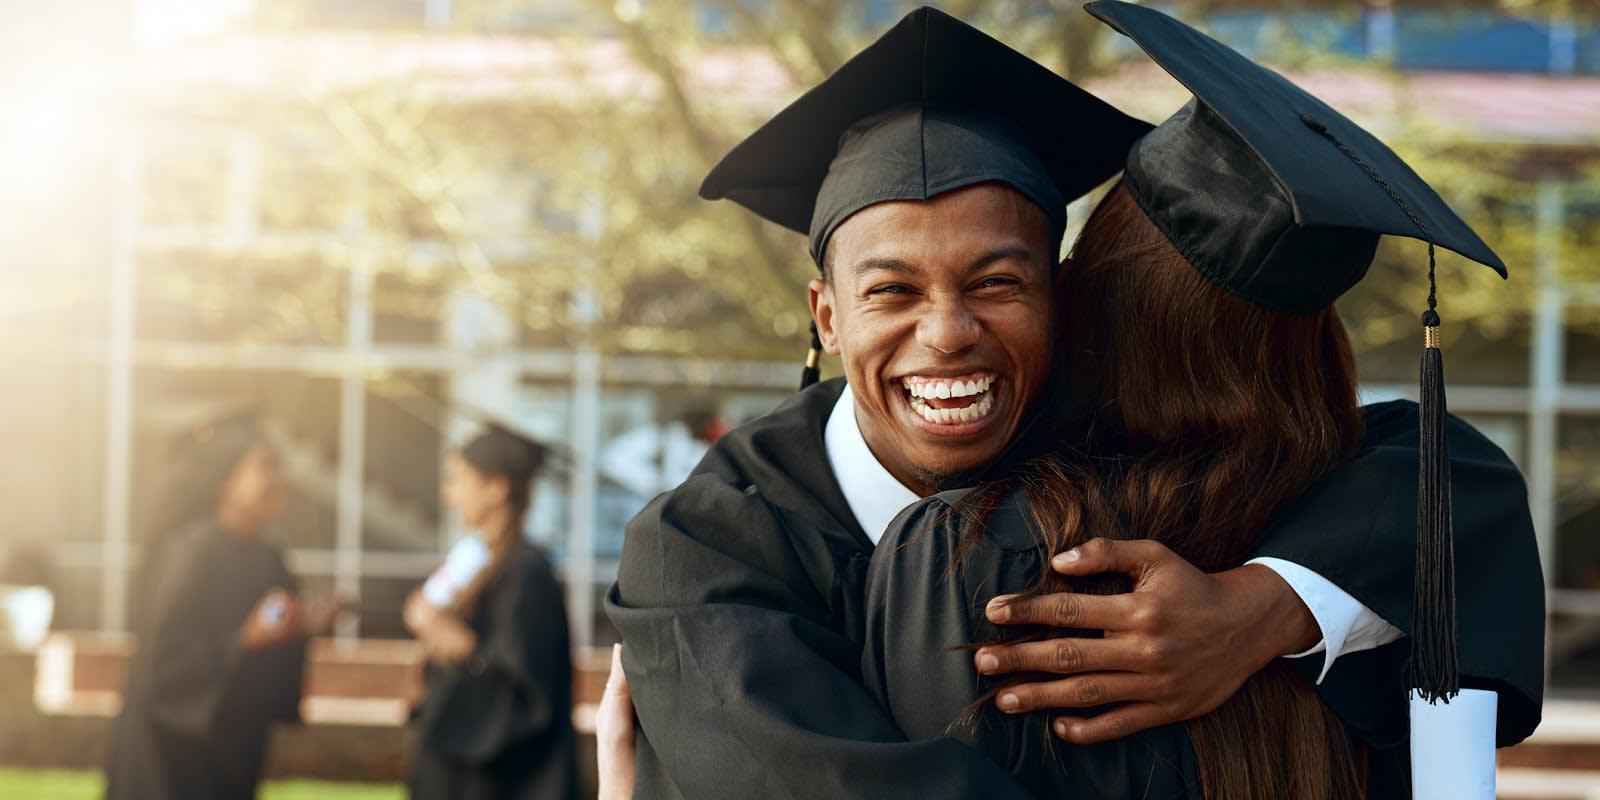 卒業式の帽子とガウンを身につけた若い男性と女性がハグしています。